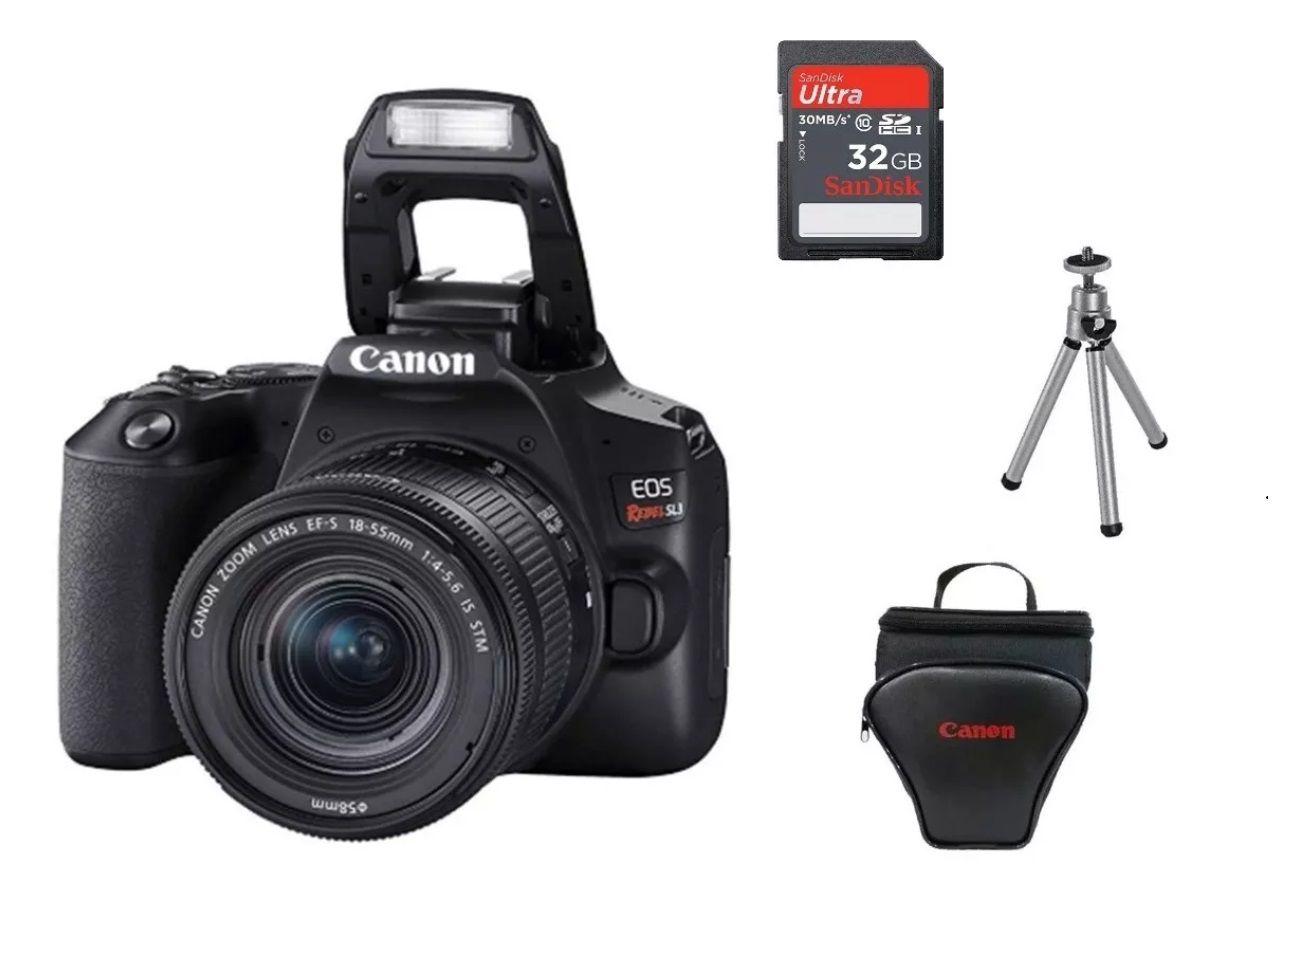 Kit Canon EOS Rebel SL3 com bolsa Canon + cartão 32GB Micro + Mini tripé